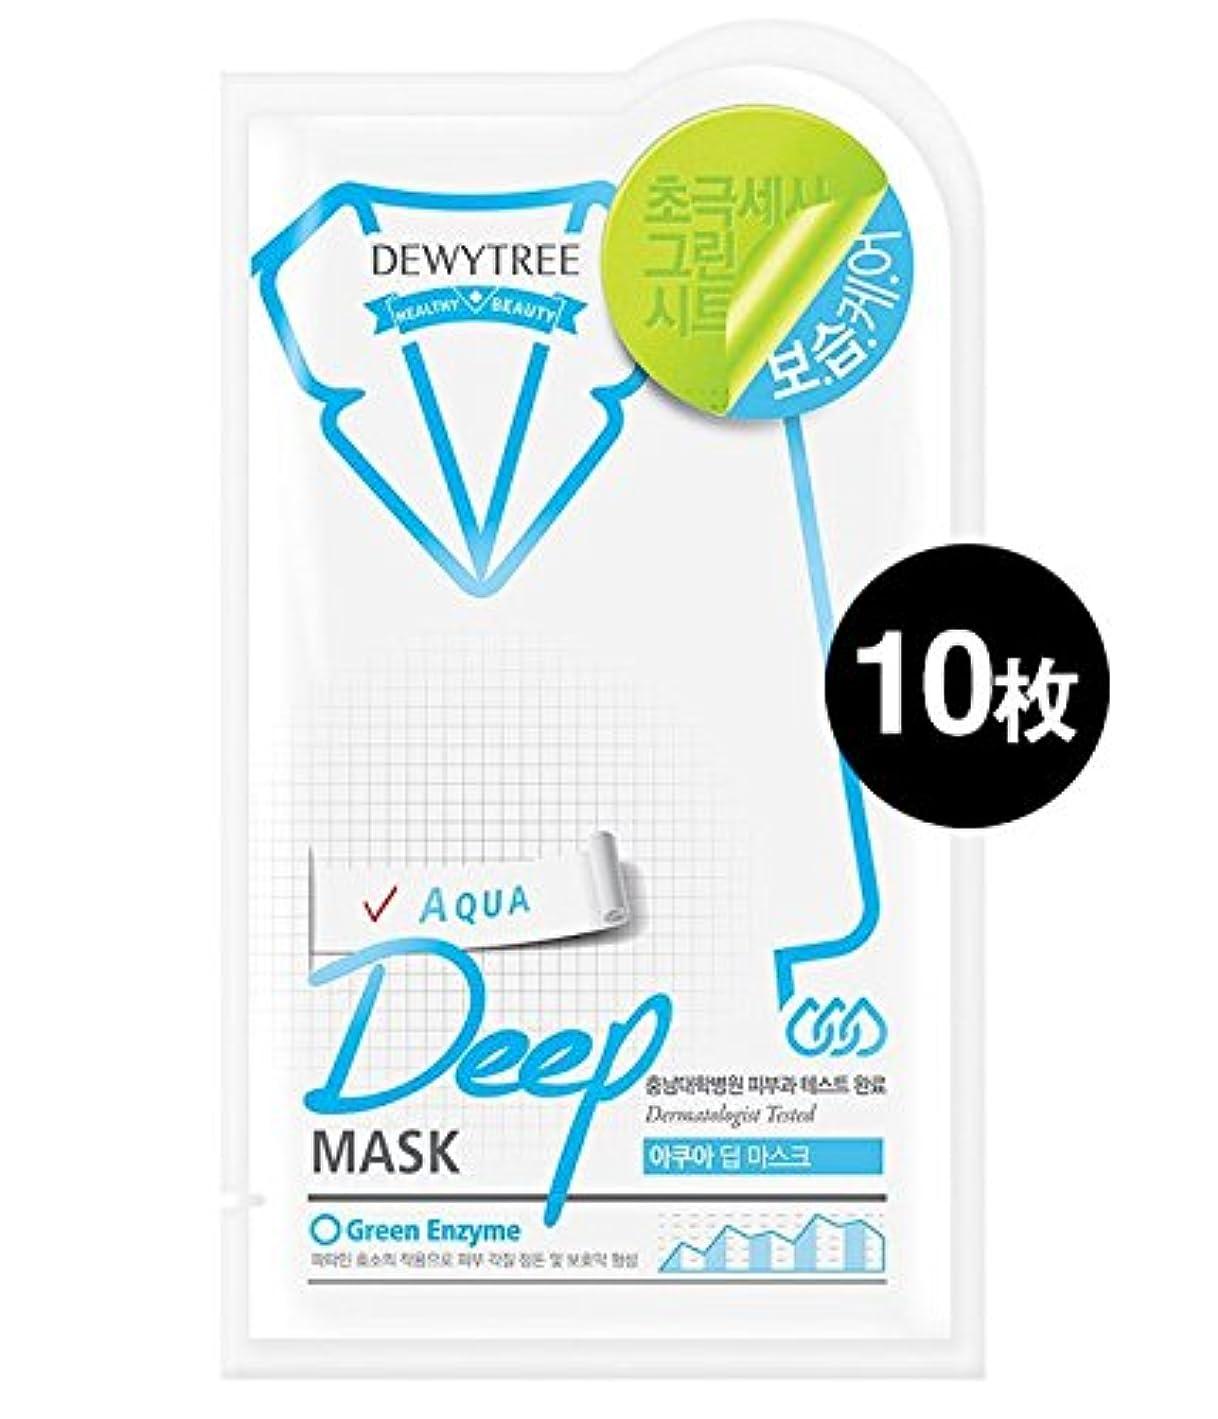 恩赦節約アナリスト(デューイトゥリー) DEWYTREE アクアディープマスク 10枚 Aqua Deep Mask 韓国マスクパック (並行輸入品)